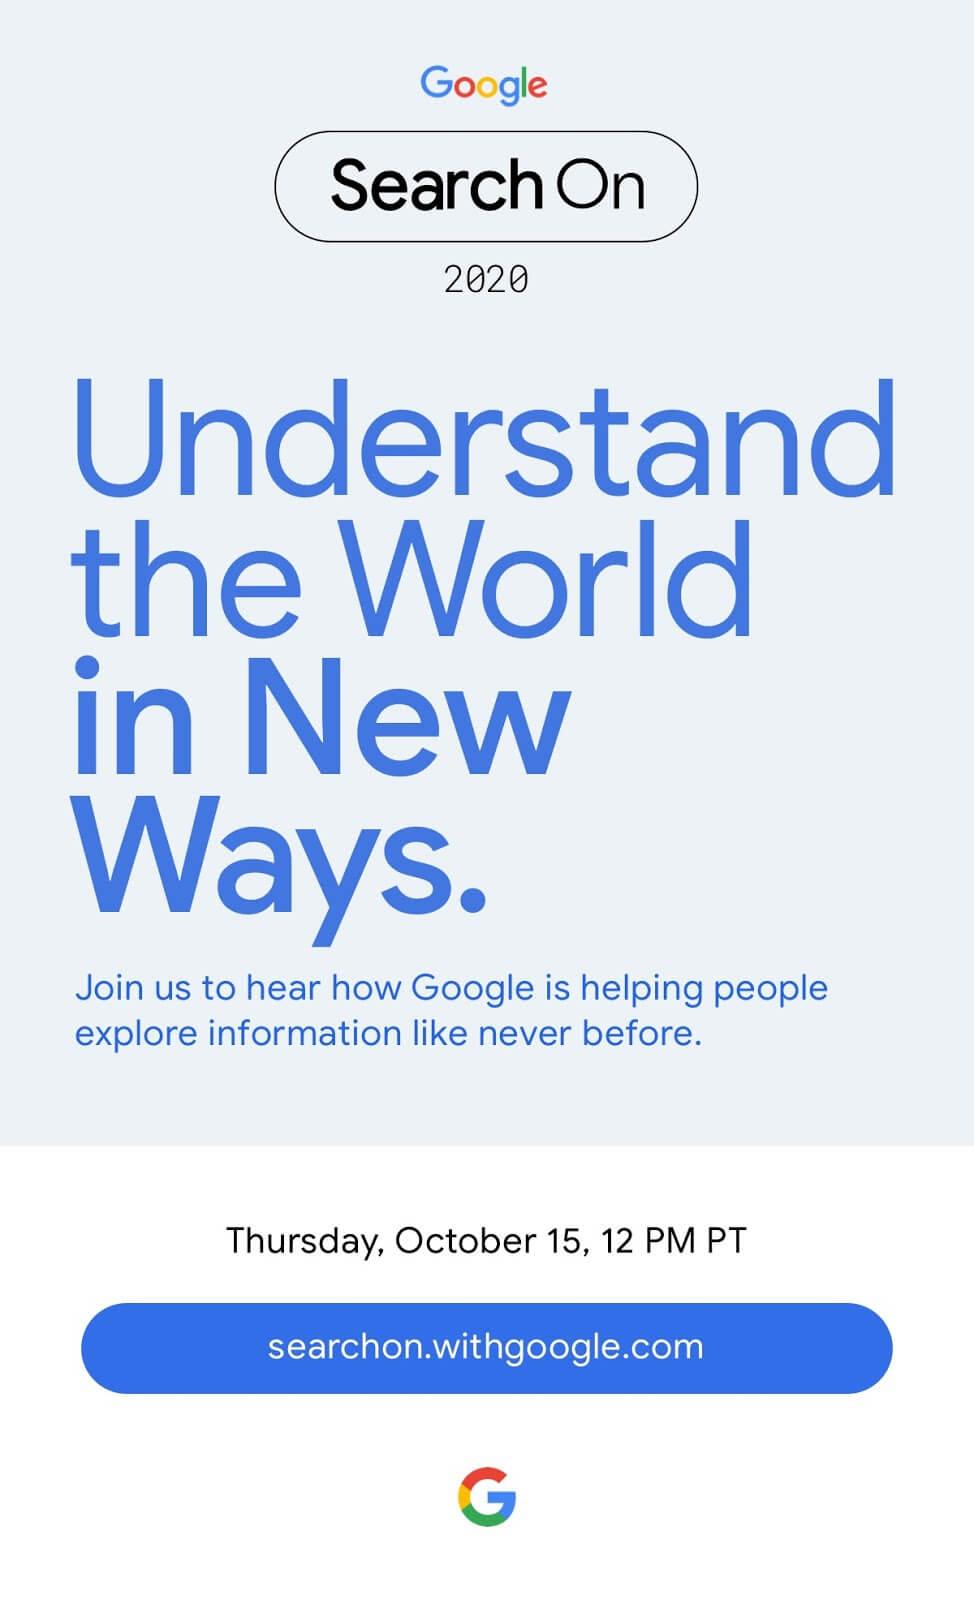 Zaproszenie na wydarzenie Google Search On 2020 (15 października 2020 r.)